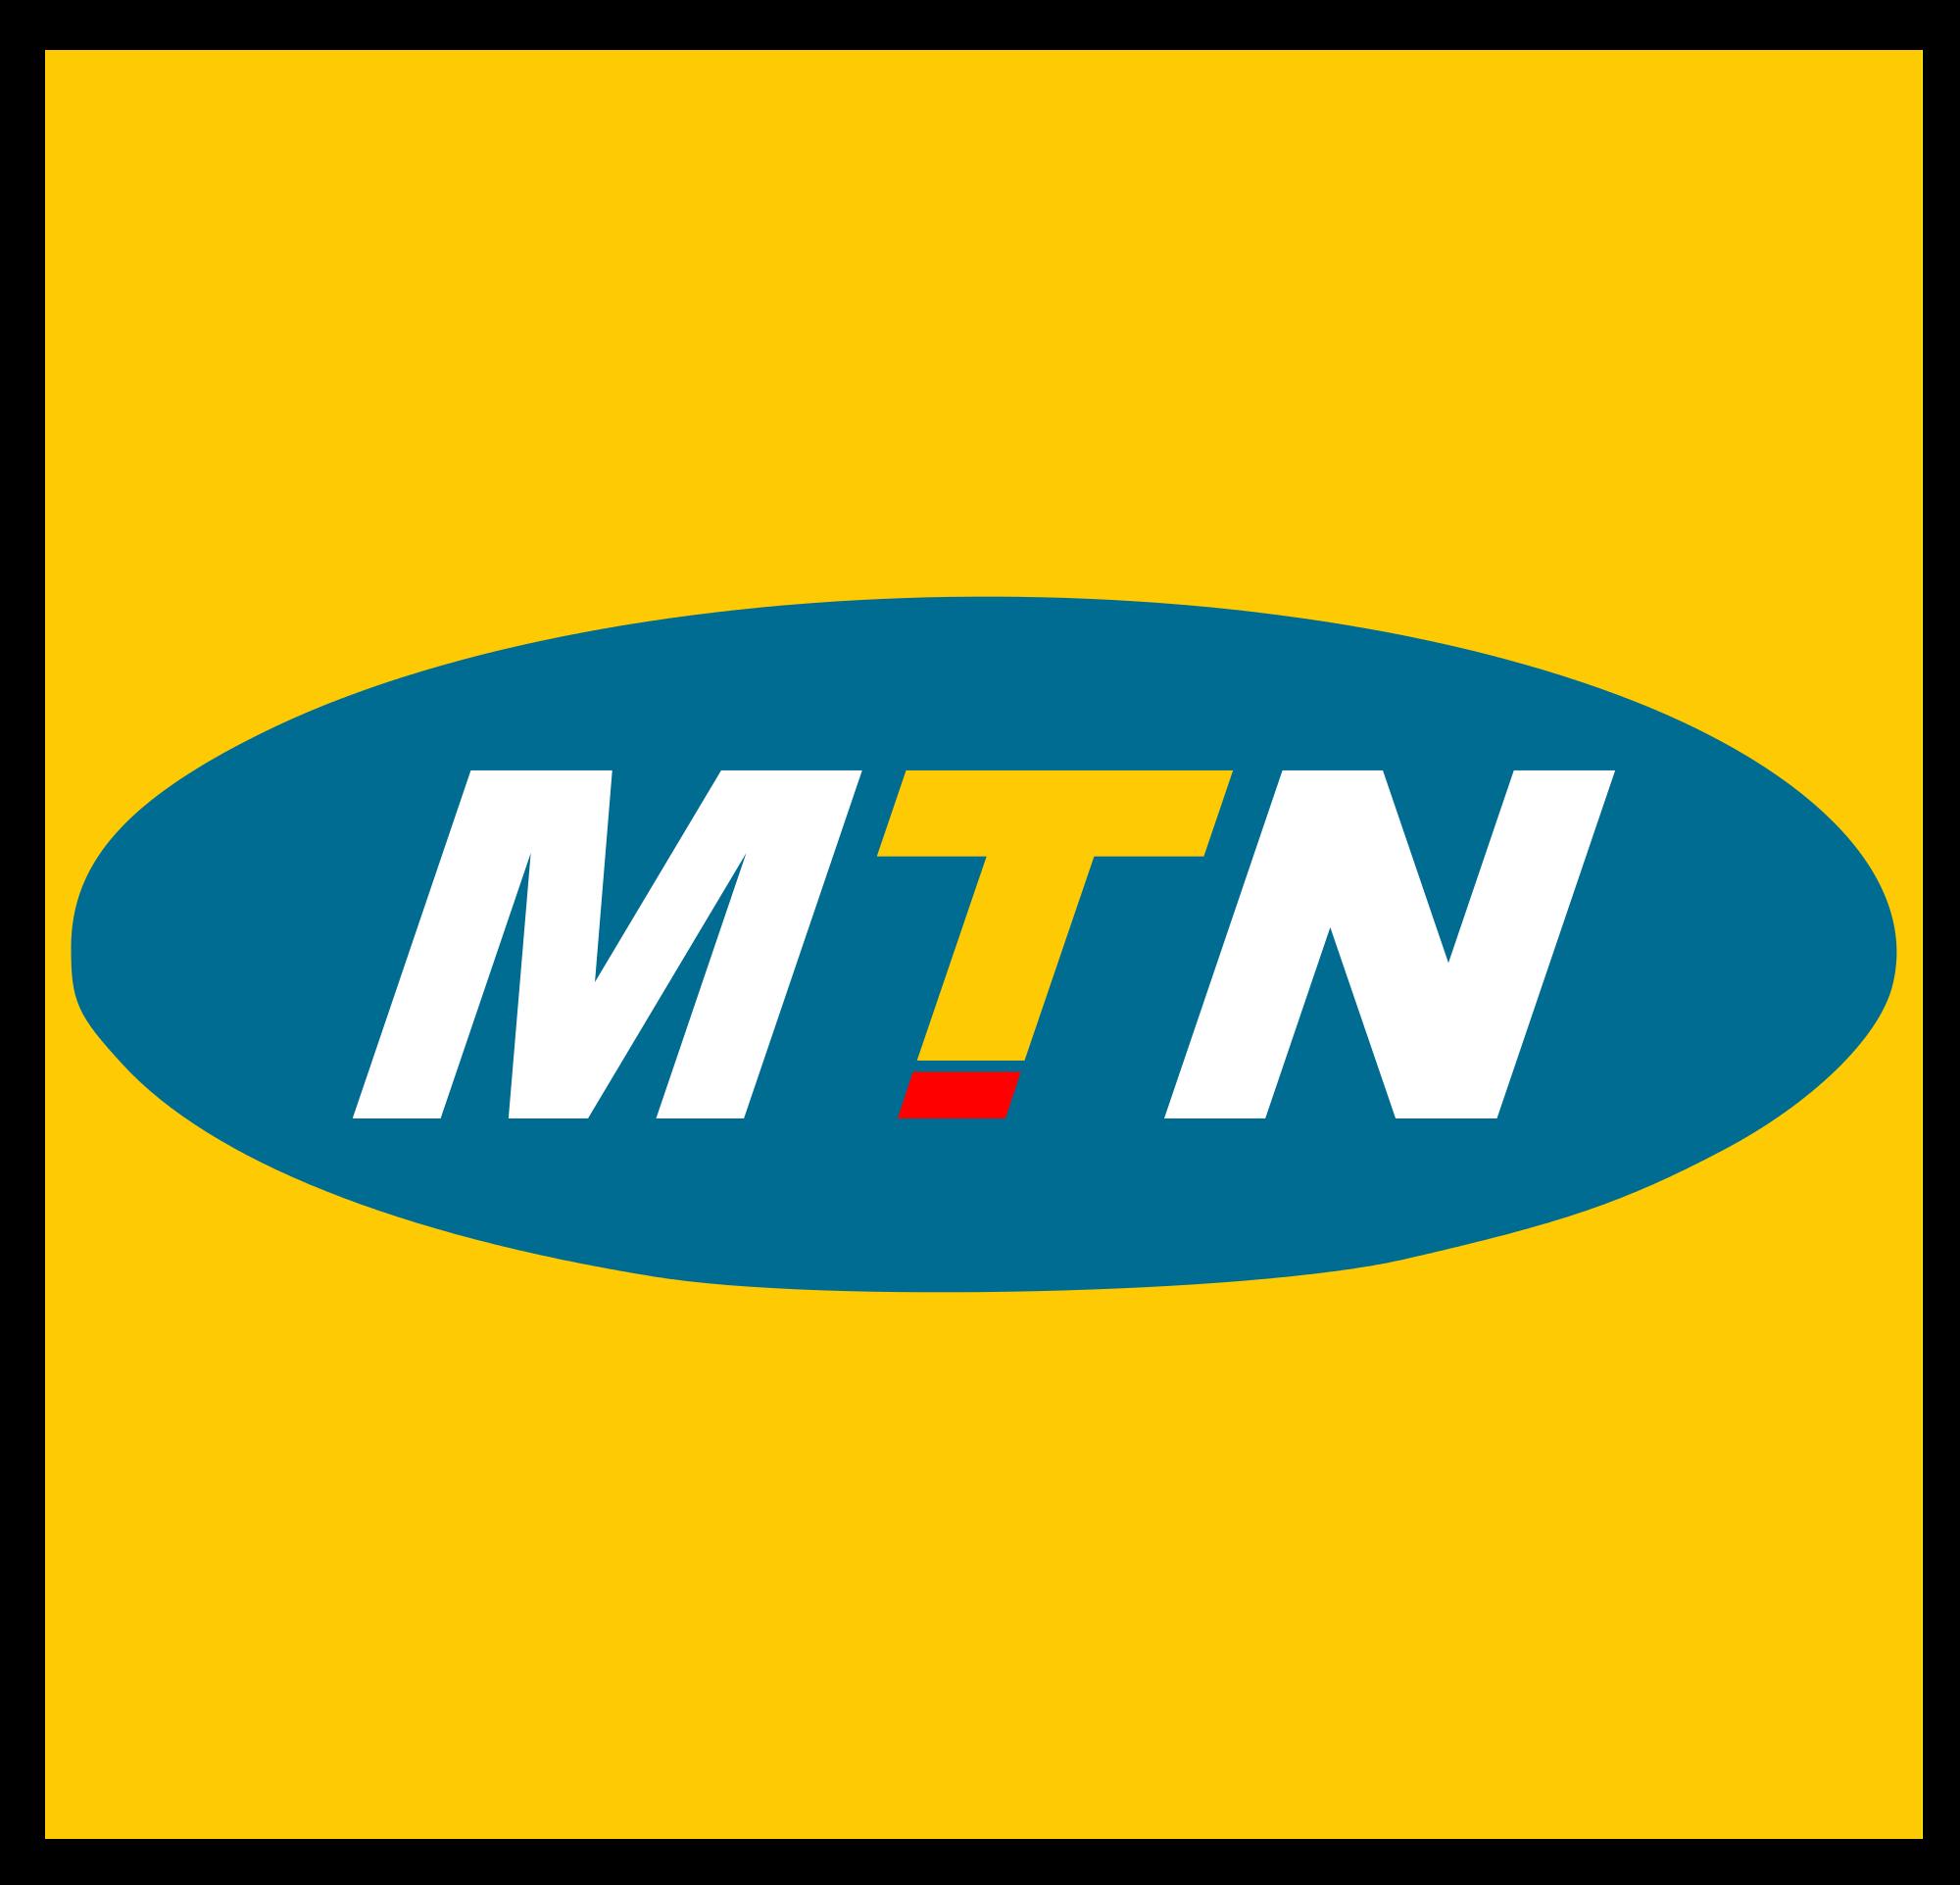 mtn-swaziland